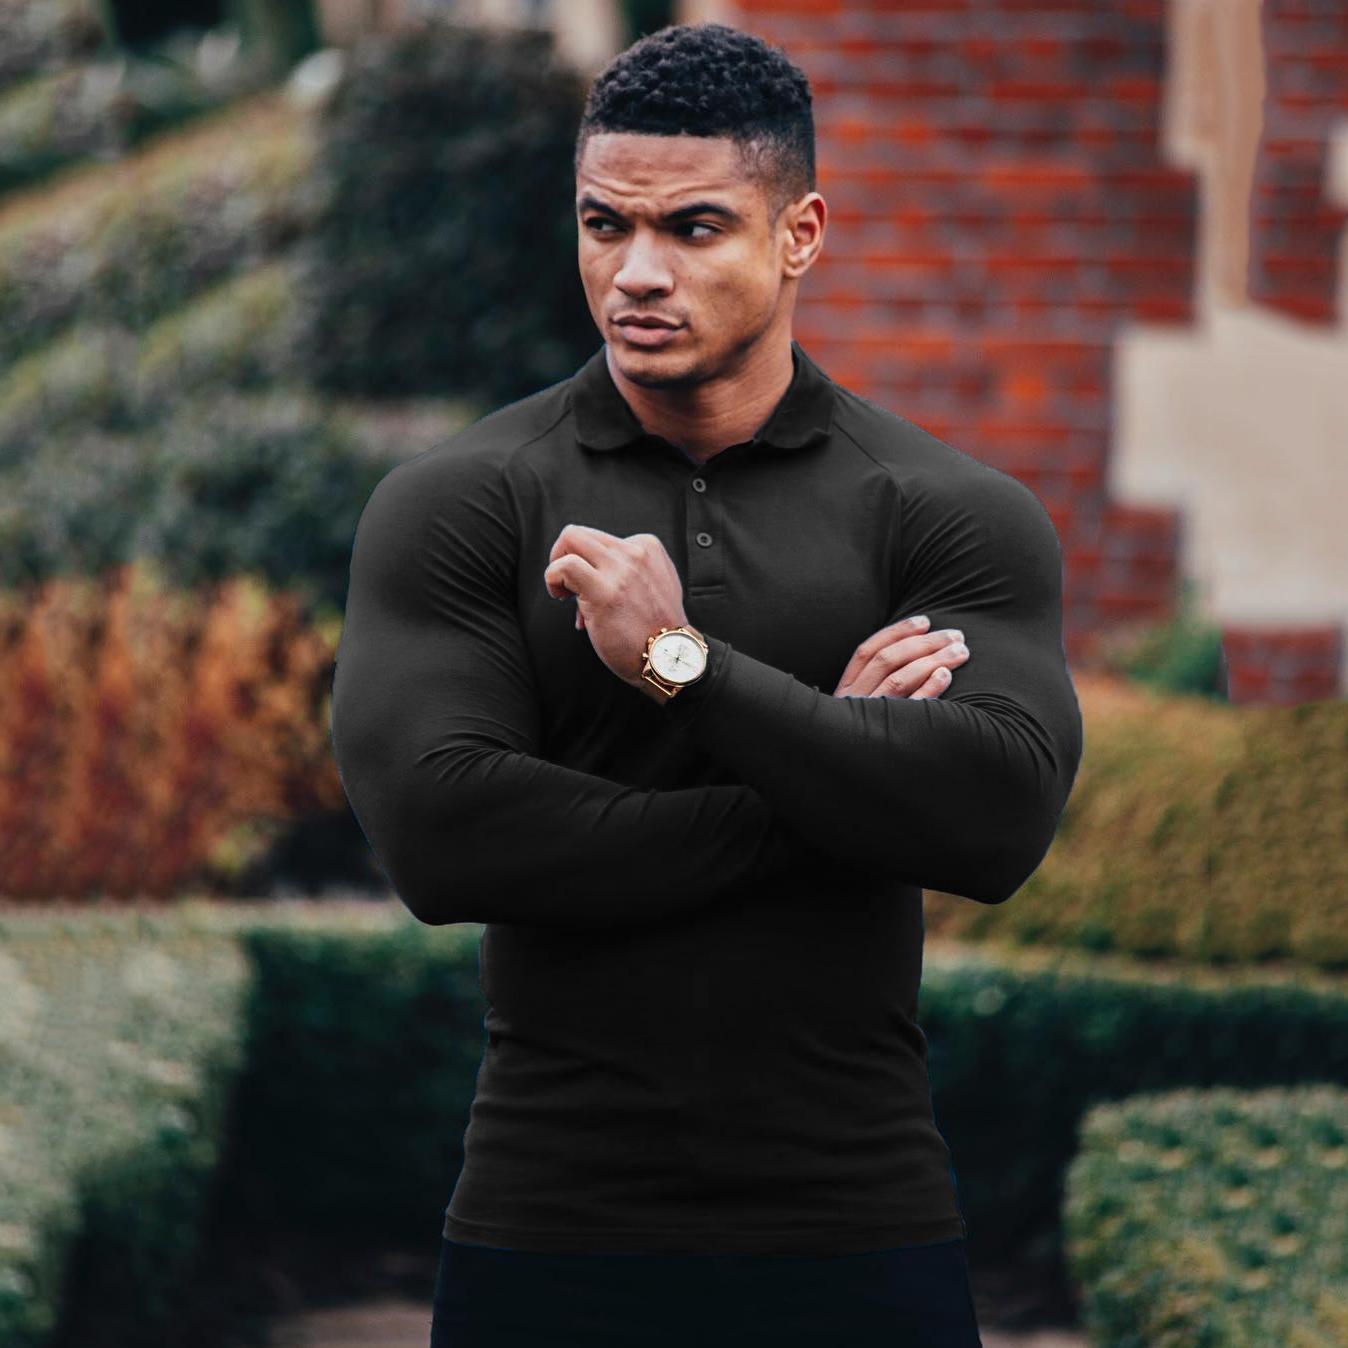 肌肉兄弟大码健身运动紧身长袖T恤POLO衫男跑步训练弹力速干上衣